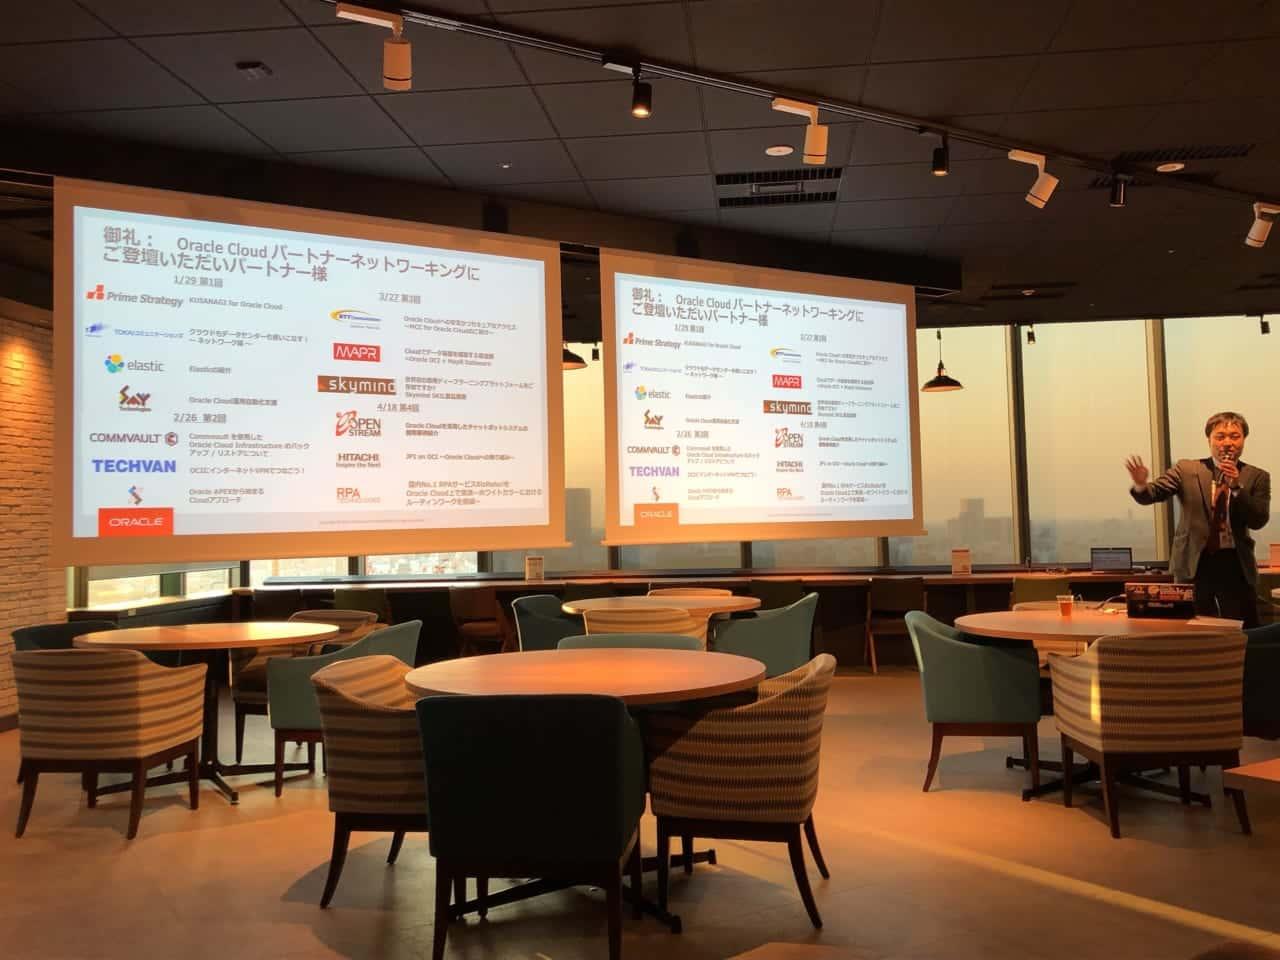 Oracle東京リージョン開設記念!パートナーネットワーキング